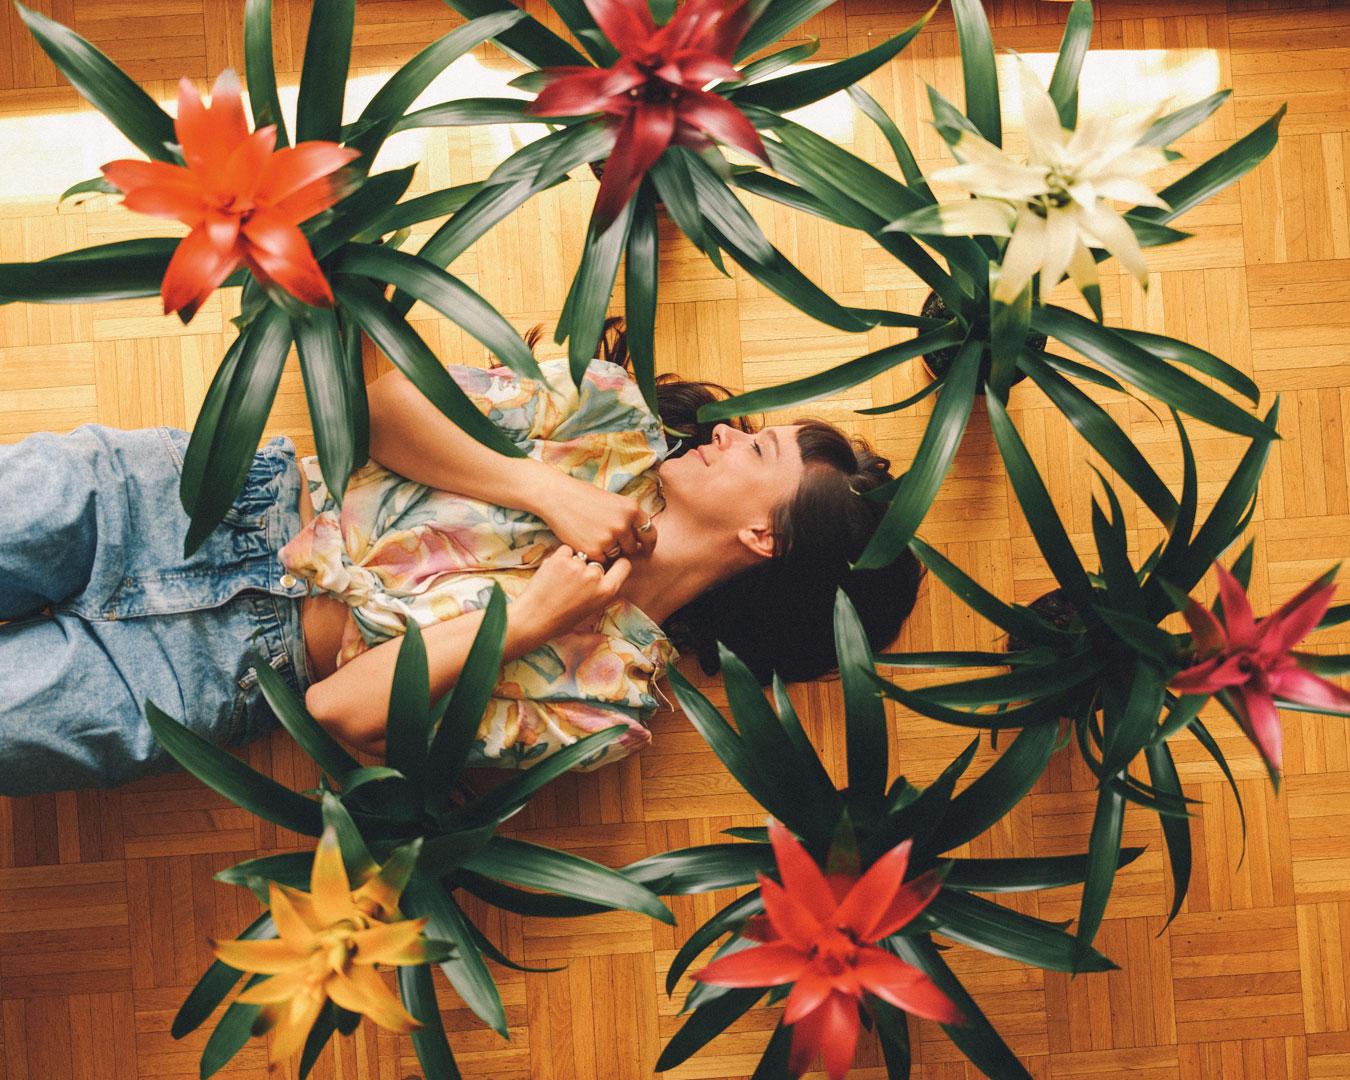 Frau liegt auf Boden mit Blumen Pflanzen Bromelien